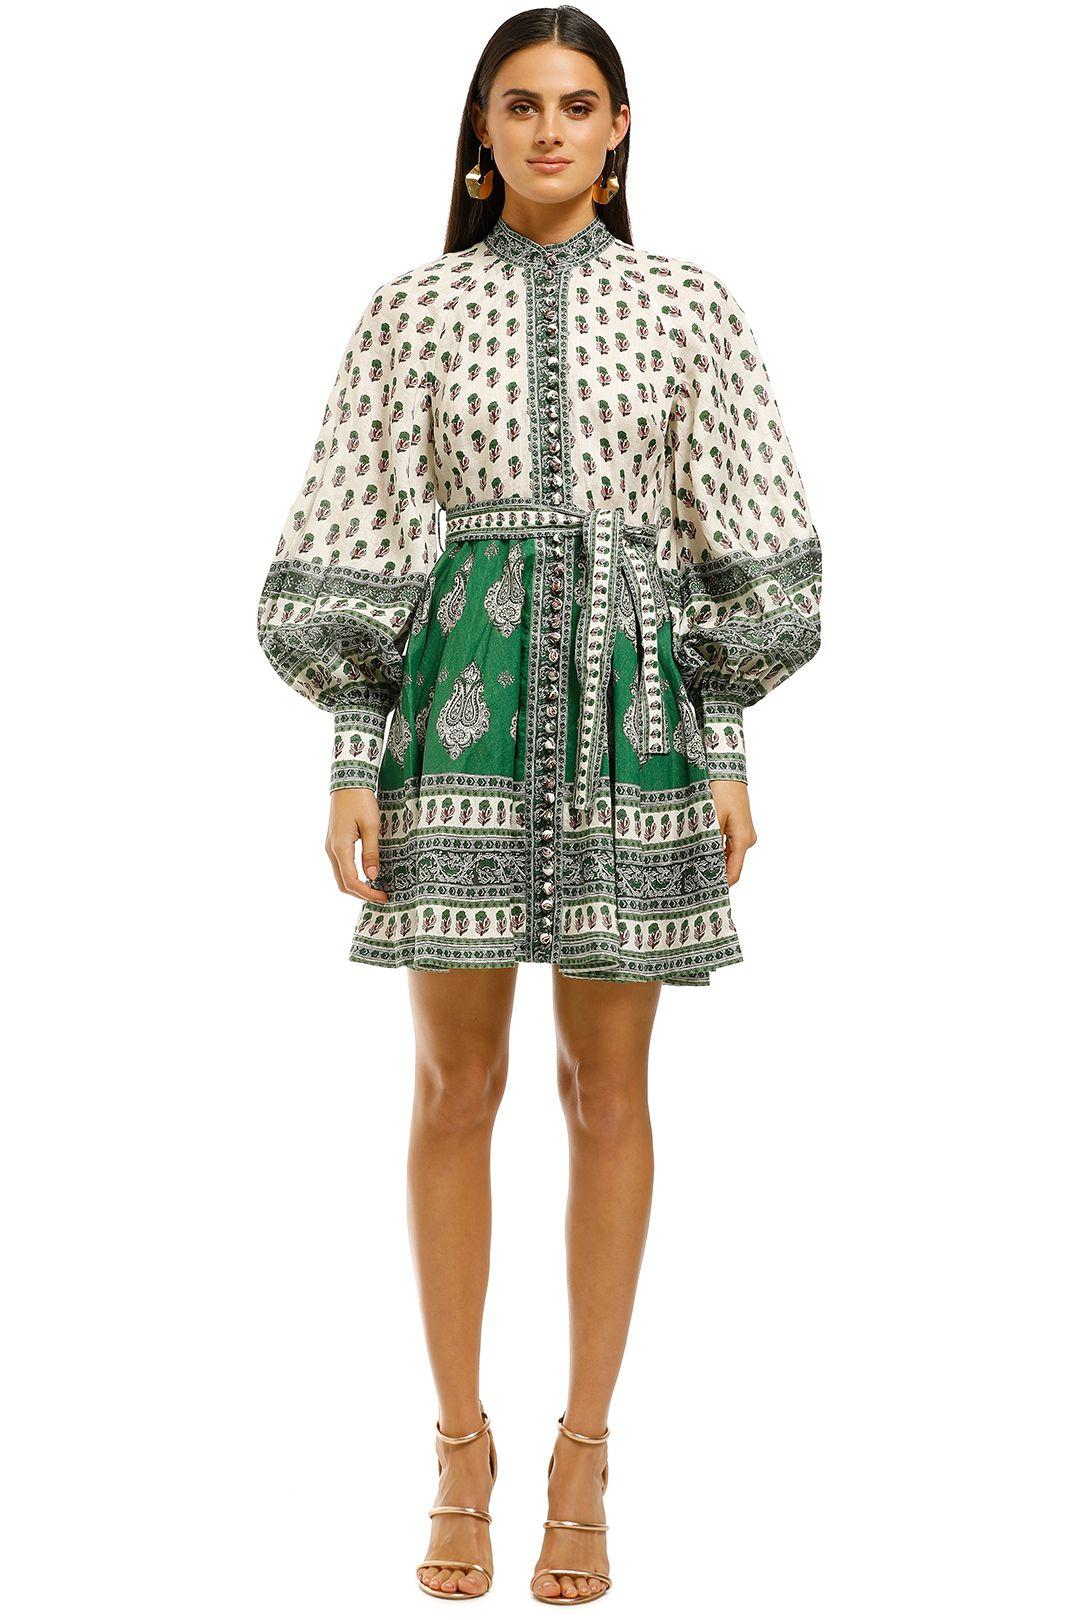 Zimmermann-Amari-Emerald-Buttoned-Dress-Green-Paisley-Front